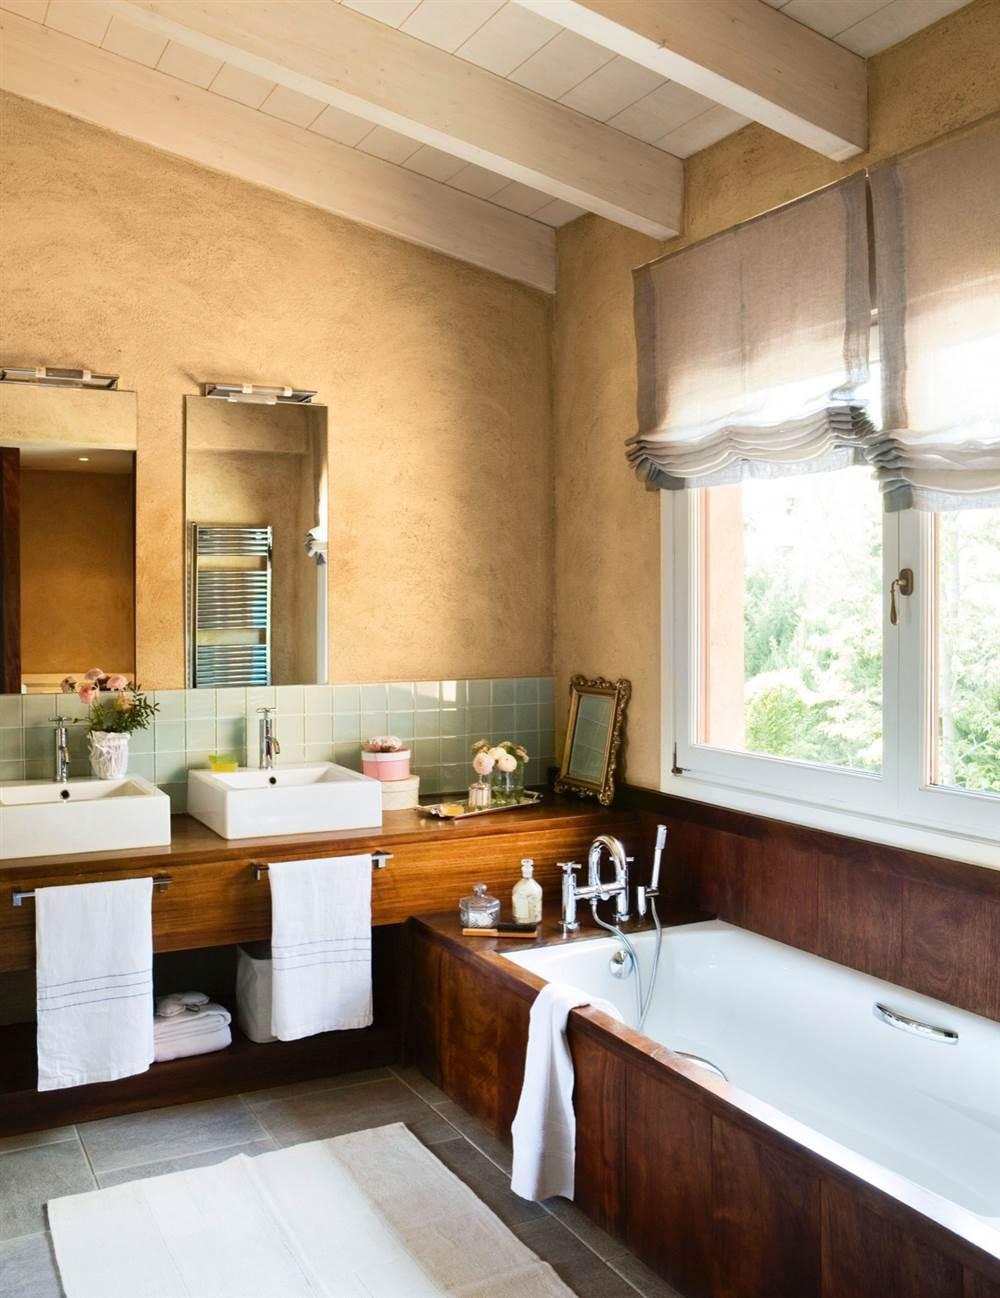 Organizacion Baño Pequeno:Alinear las piezas Poner en un mismo lado del baño inodoro, lavabo